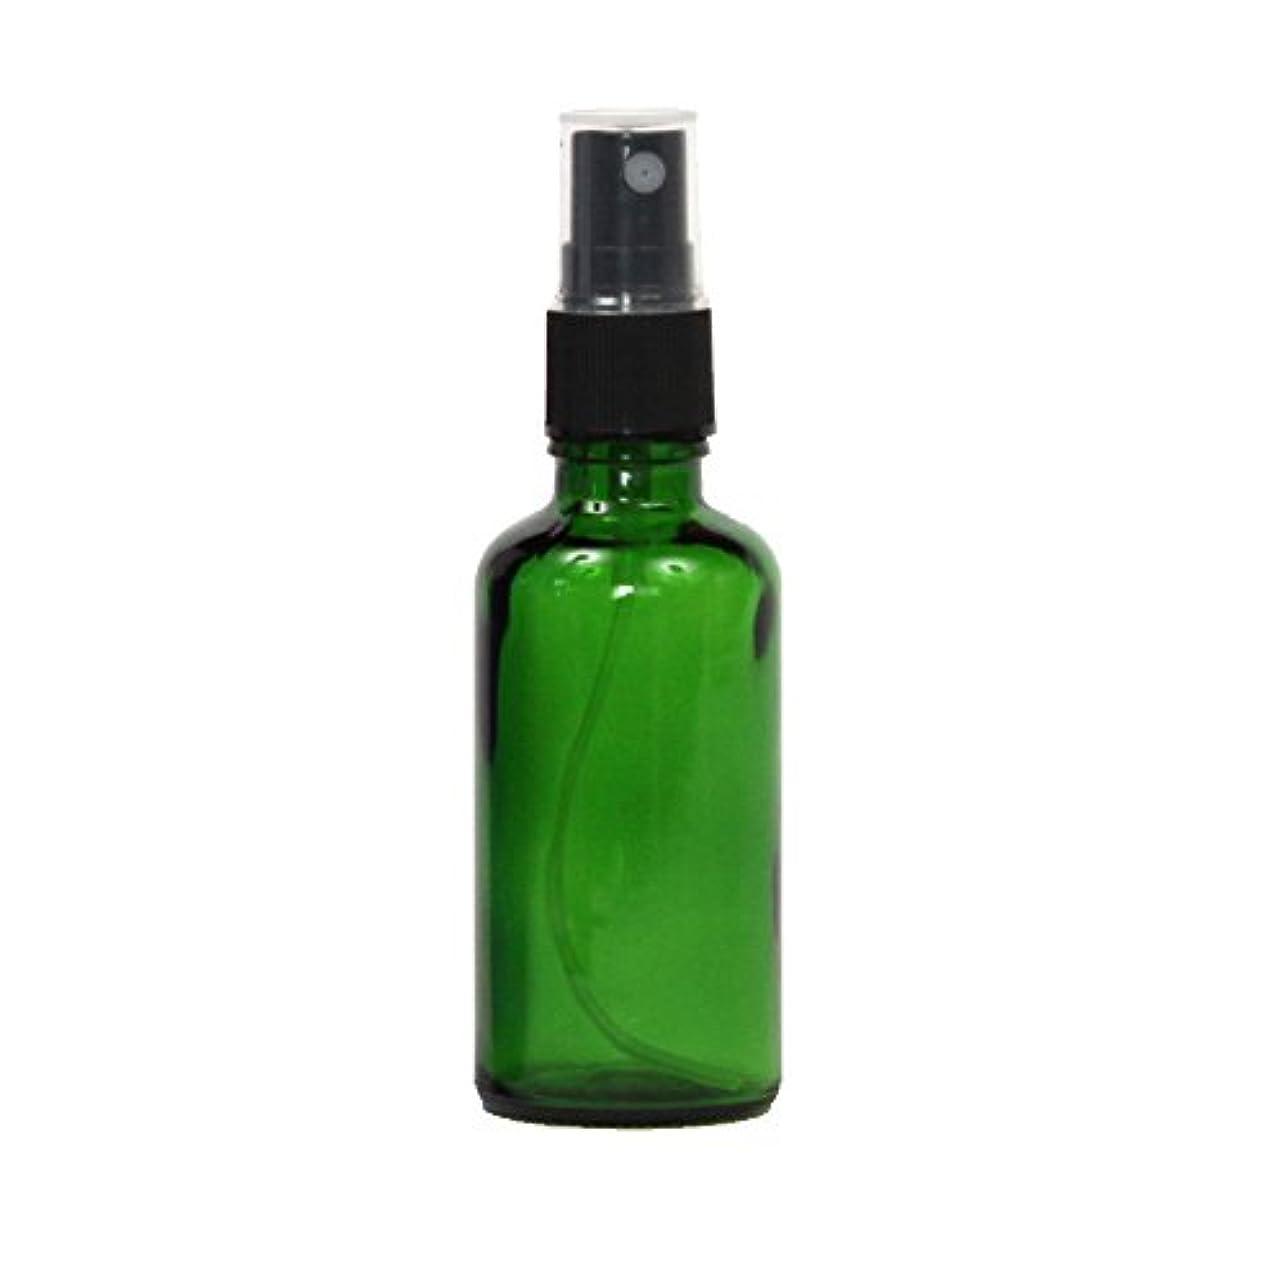 愛人してはいけません略奪スプレーボトル容器 ガラス瓶 50mL 遮光性グリーン ガラスアトマイザー 空容器gr50g